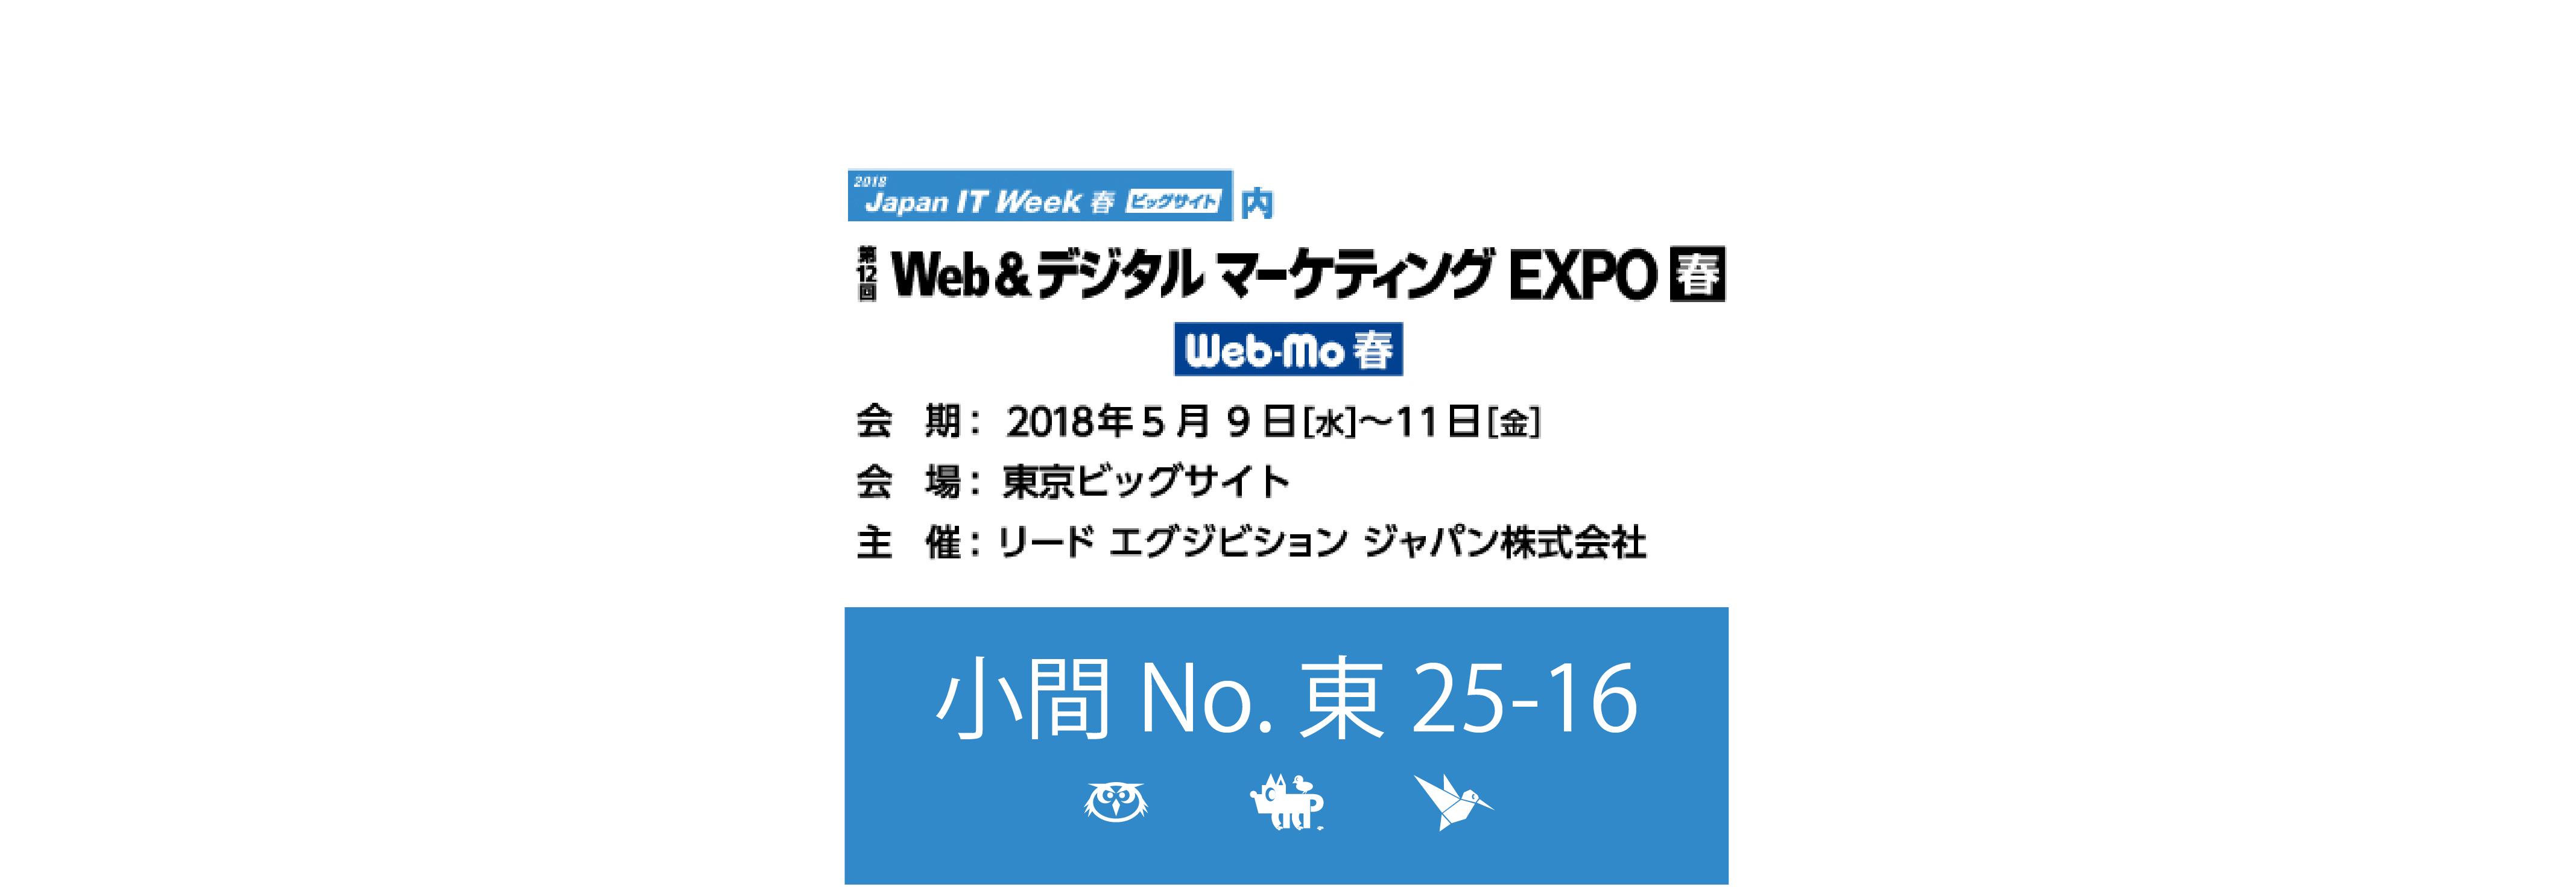 【終了】【展示会】Web&デジタルマーケティングEXPOに出展いたします